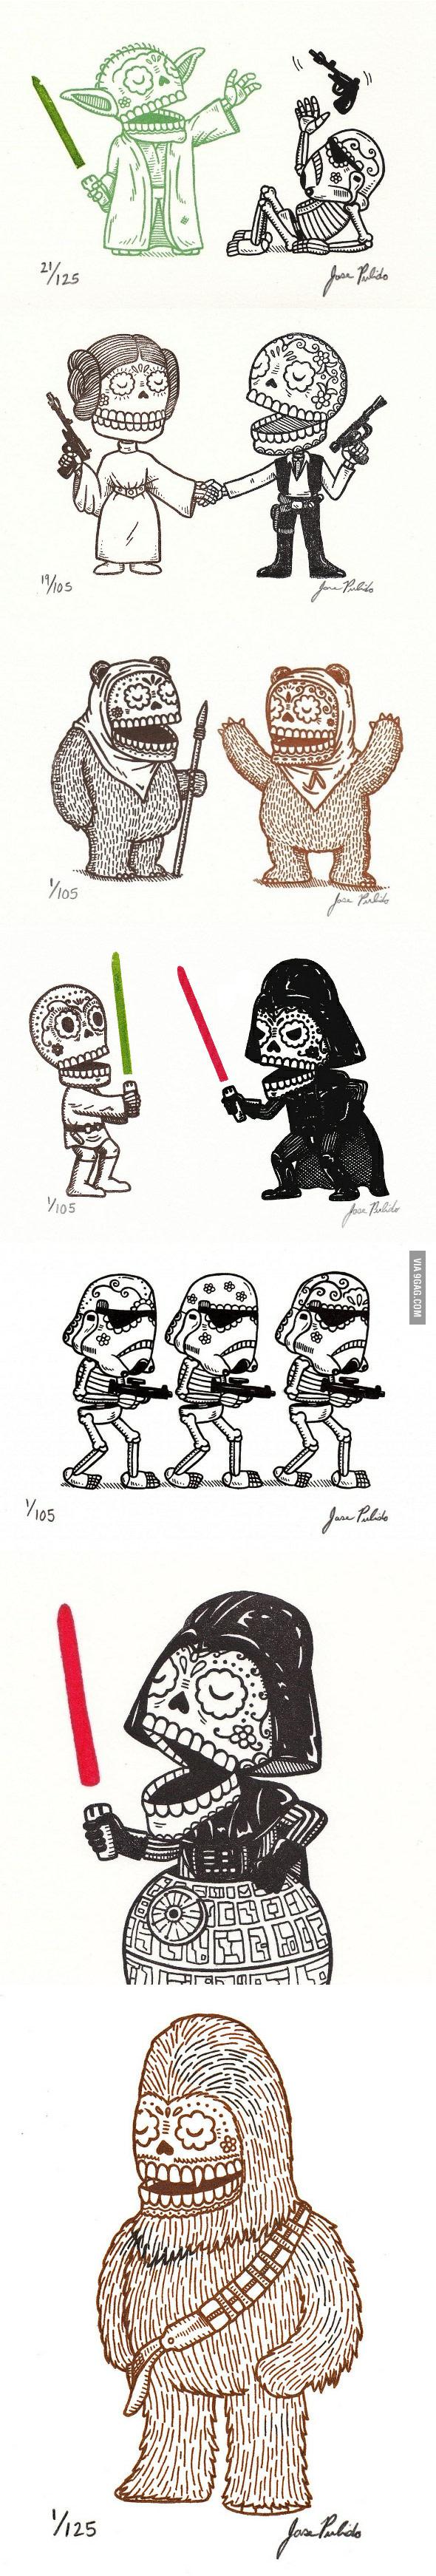 Skull Star Wars